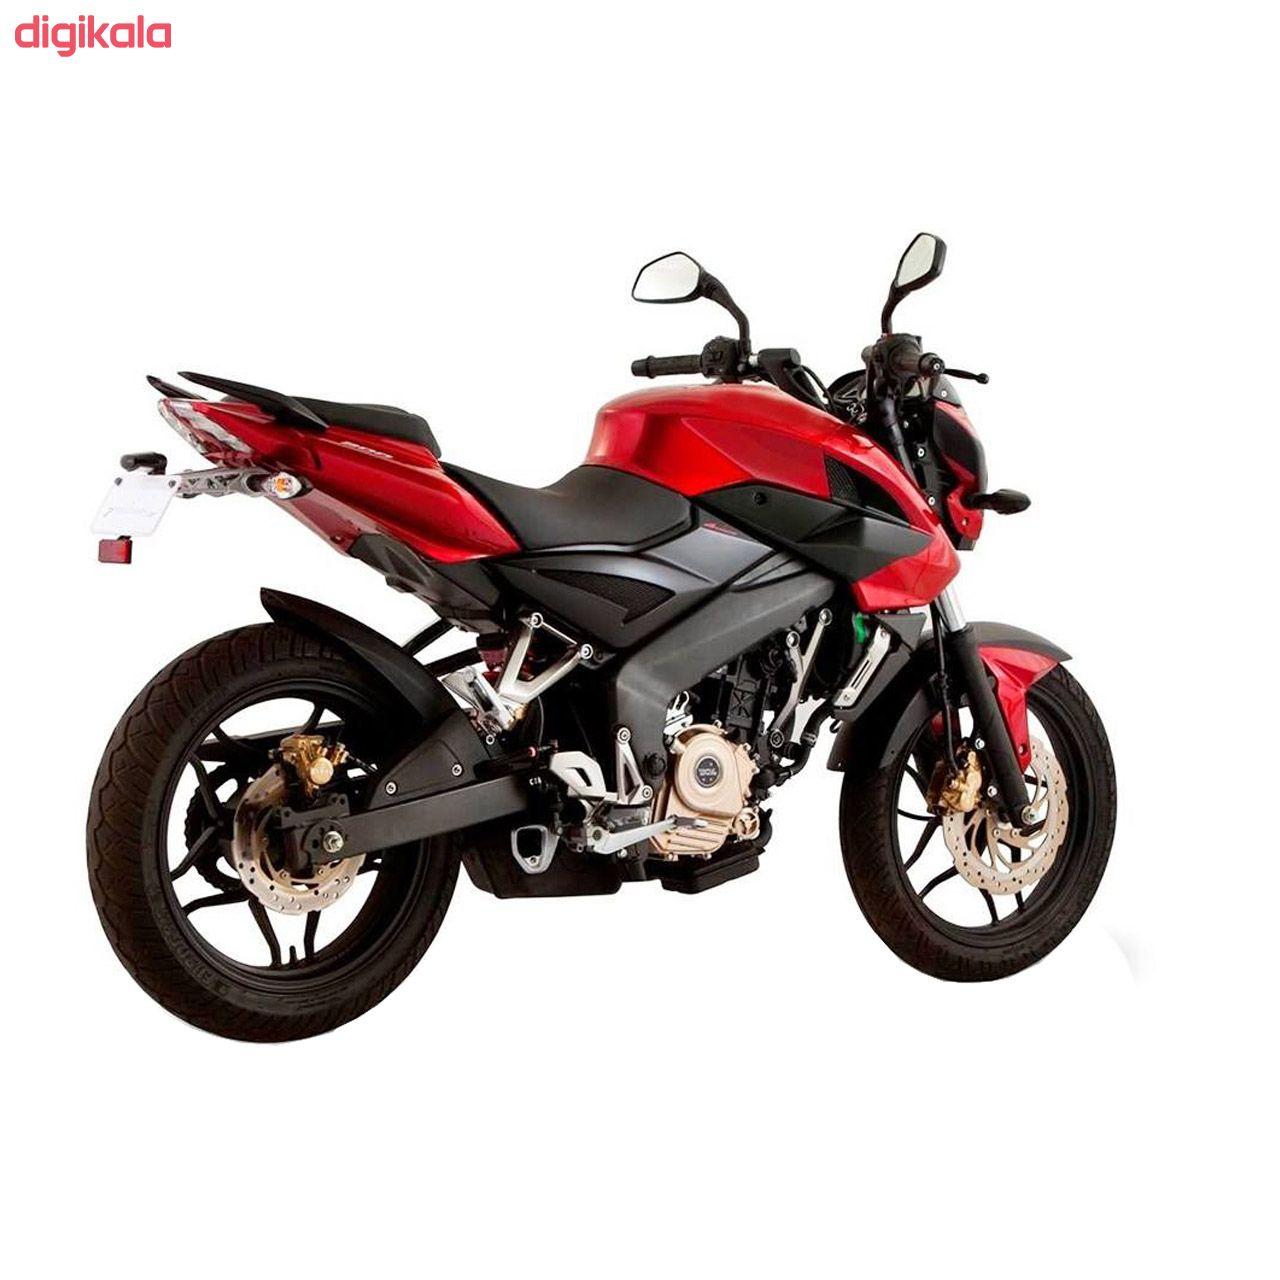 موتورسیکلت باجاج پالس مدل 200NS  سال 1398 main 1 2